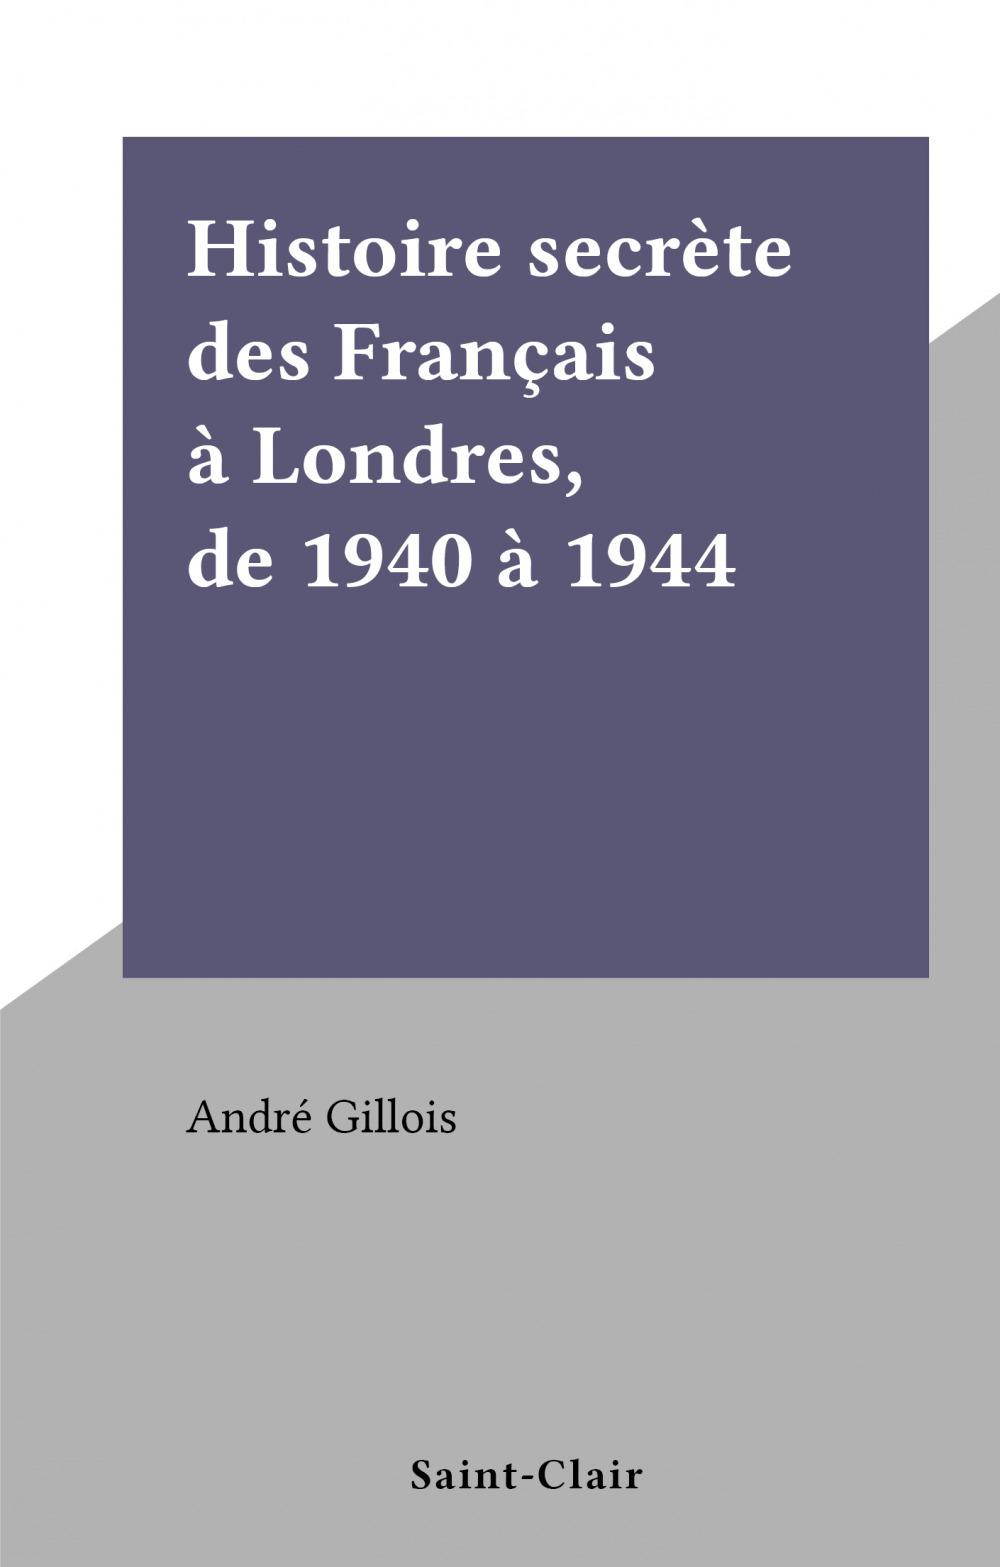 Histoire secrète des Français à Londres, de 1940 à 1944  - André Gillois